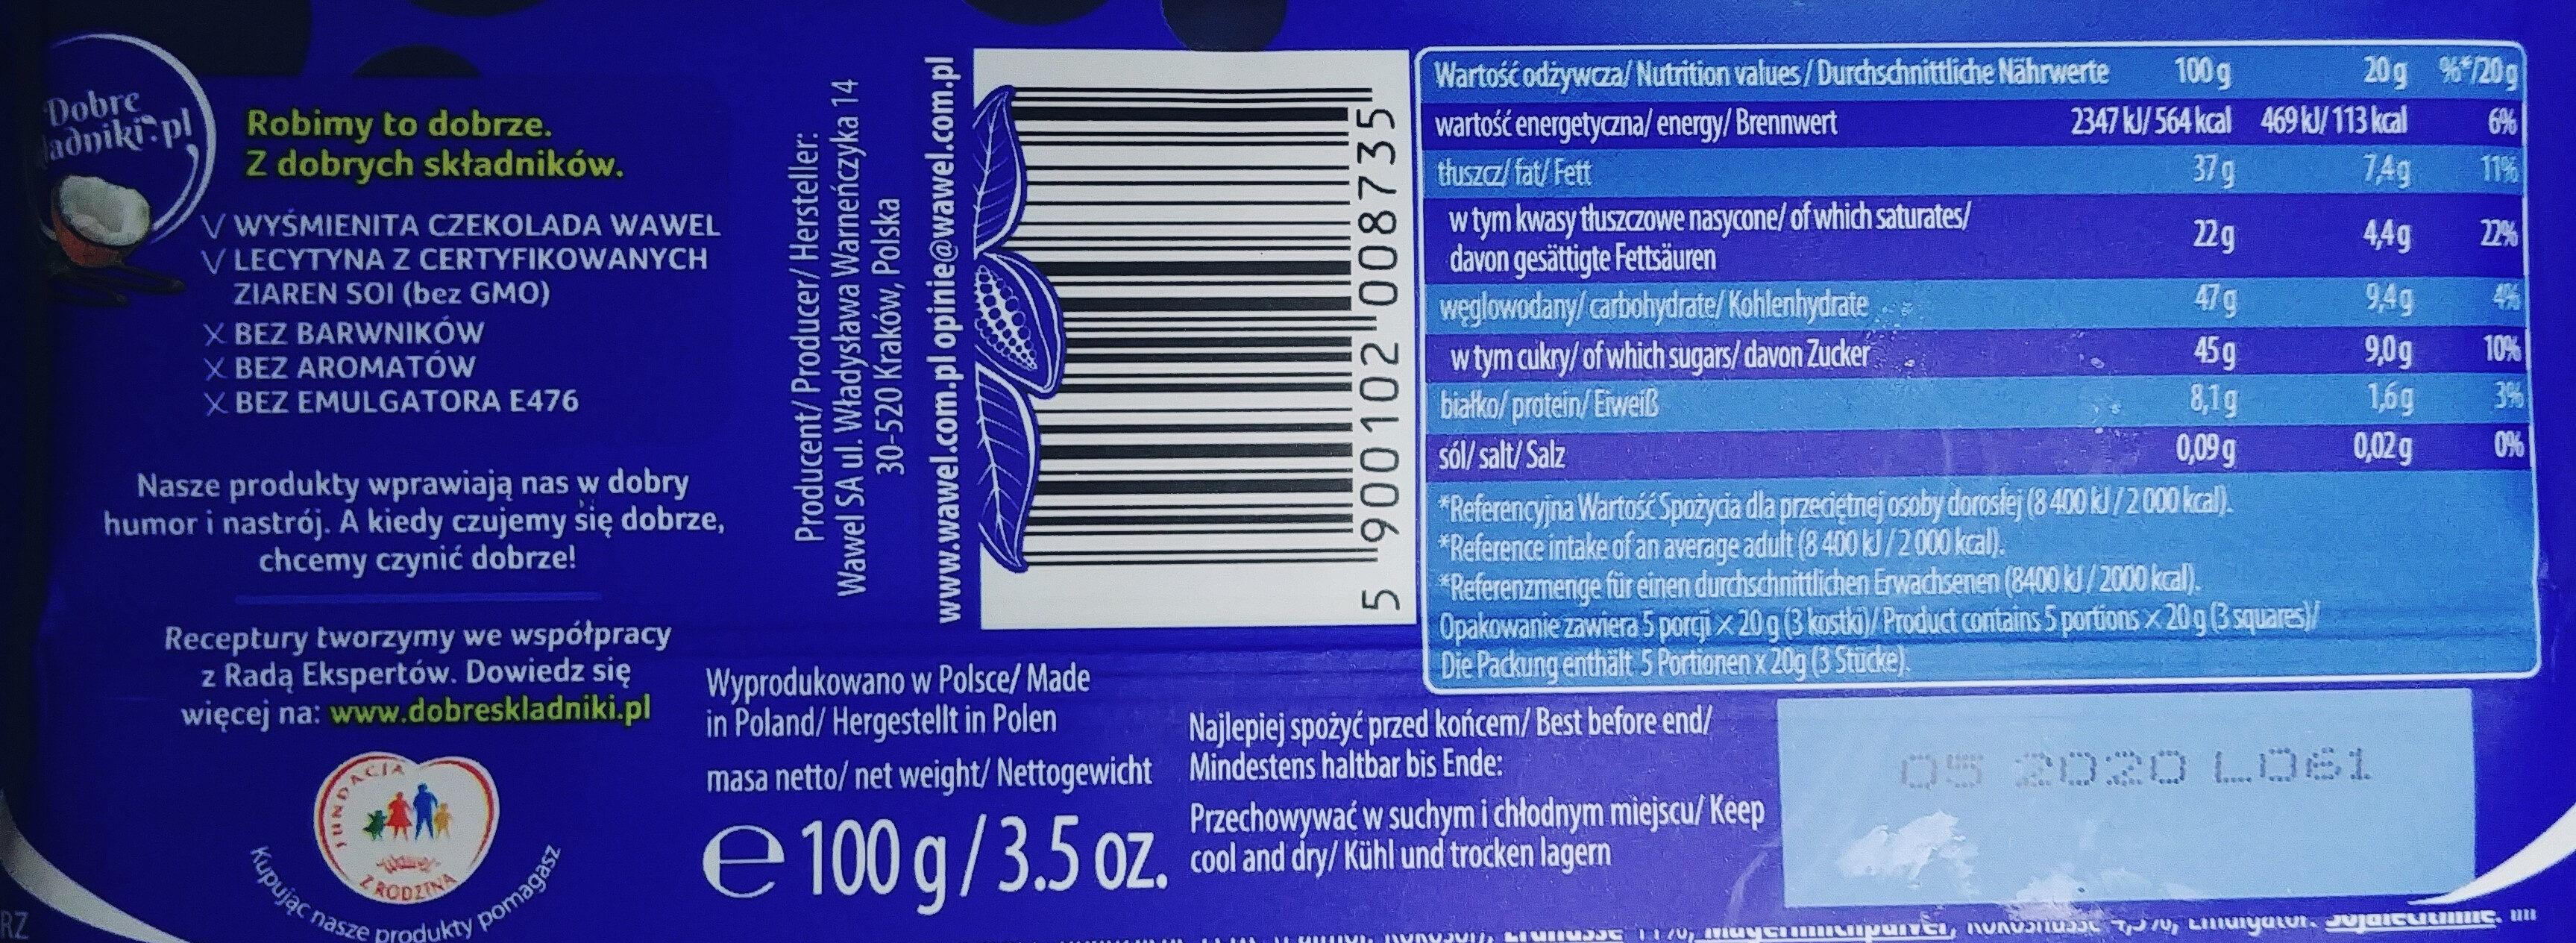 Wawel - Wartości odżywcze